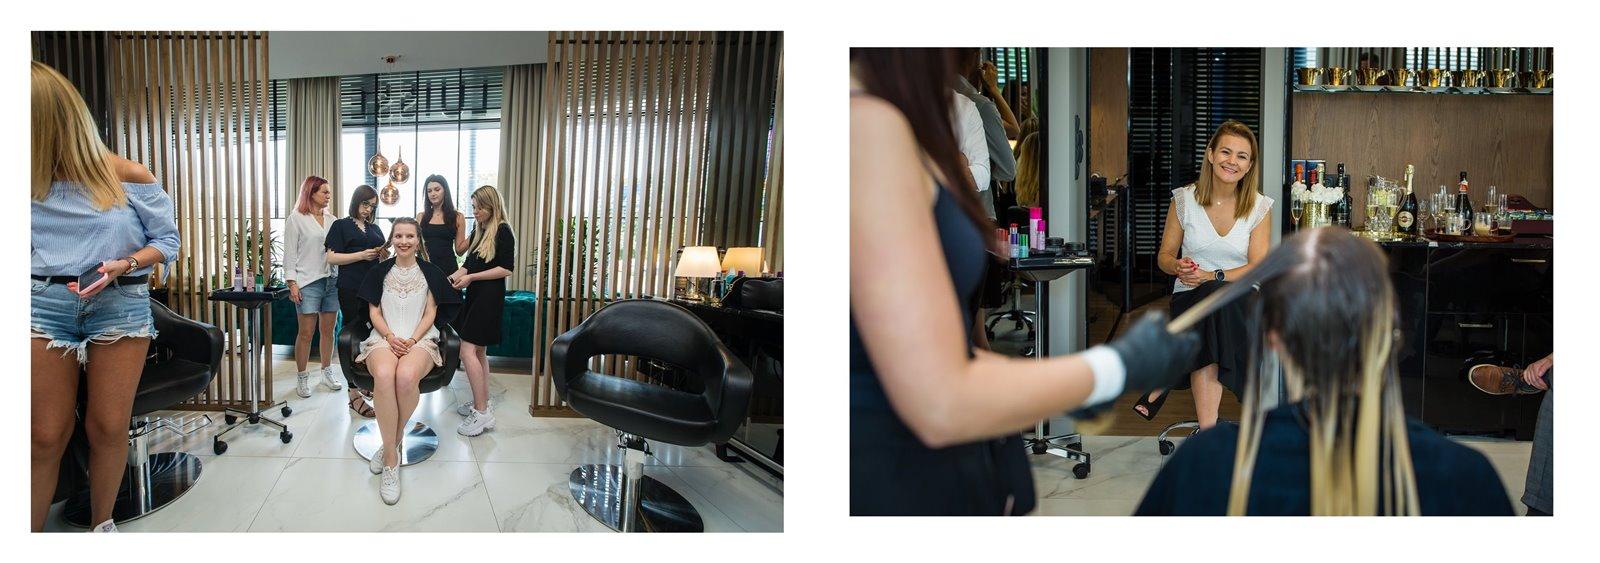 15 salon fryzjerski luisse łódź najlepszy fryzjer w łodzi gdzie pofarbować włosy w łodzi schwarzkopf opinia pielęgnacja bc fibre clinix booster na czym polega ile kosztuje cena